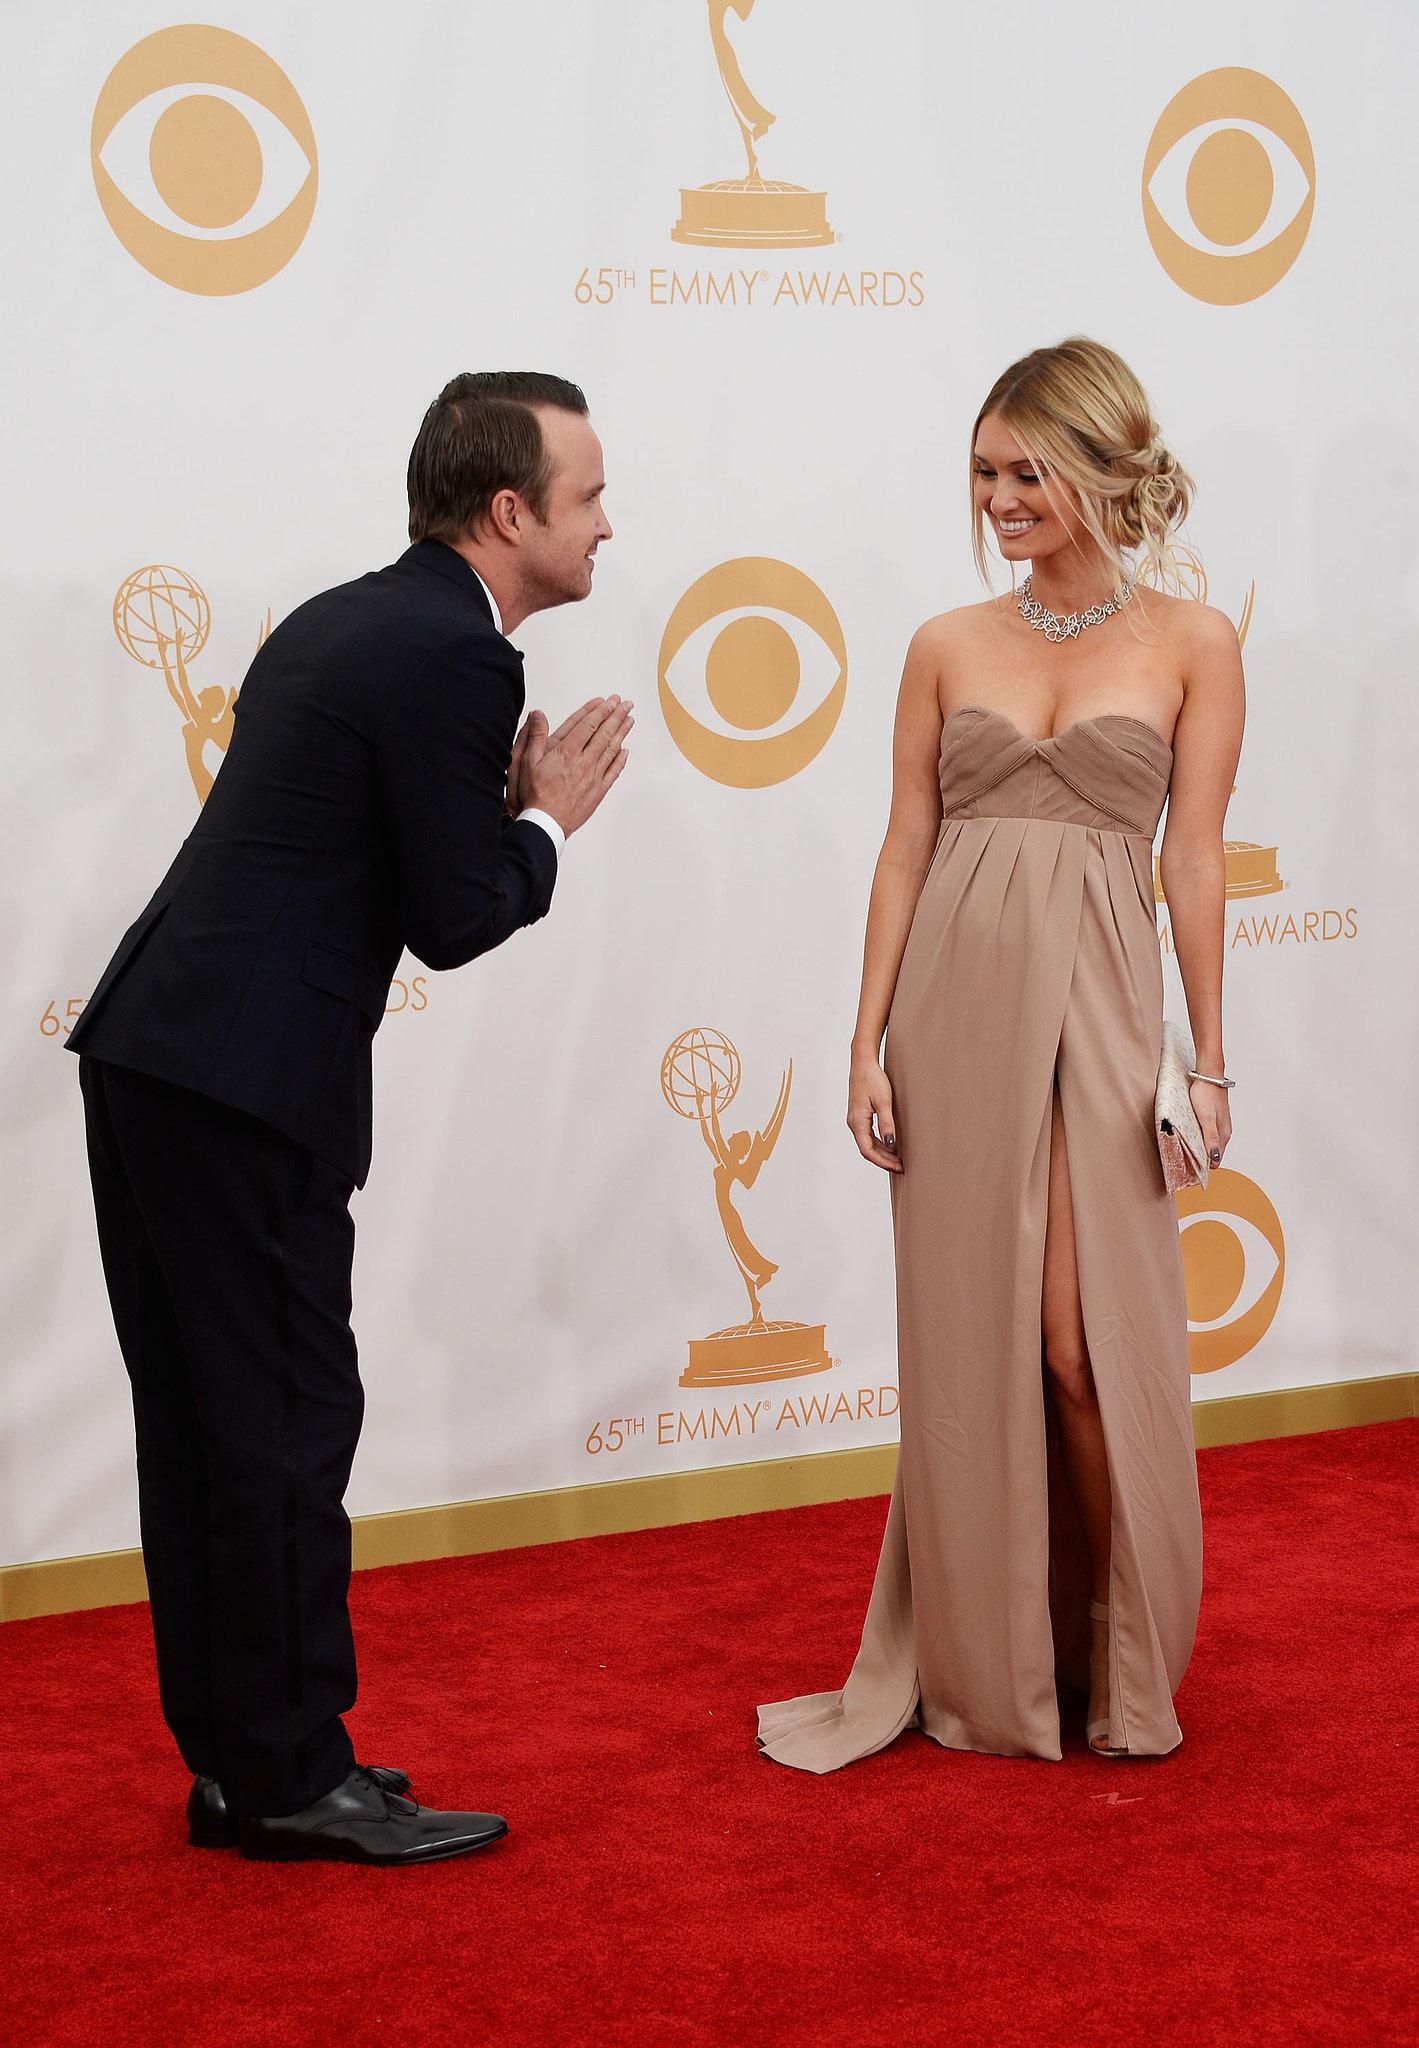 Aaron Paul gave his wife, Lauren Parsekian, a bow.